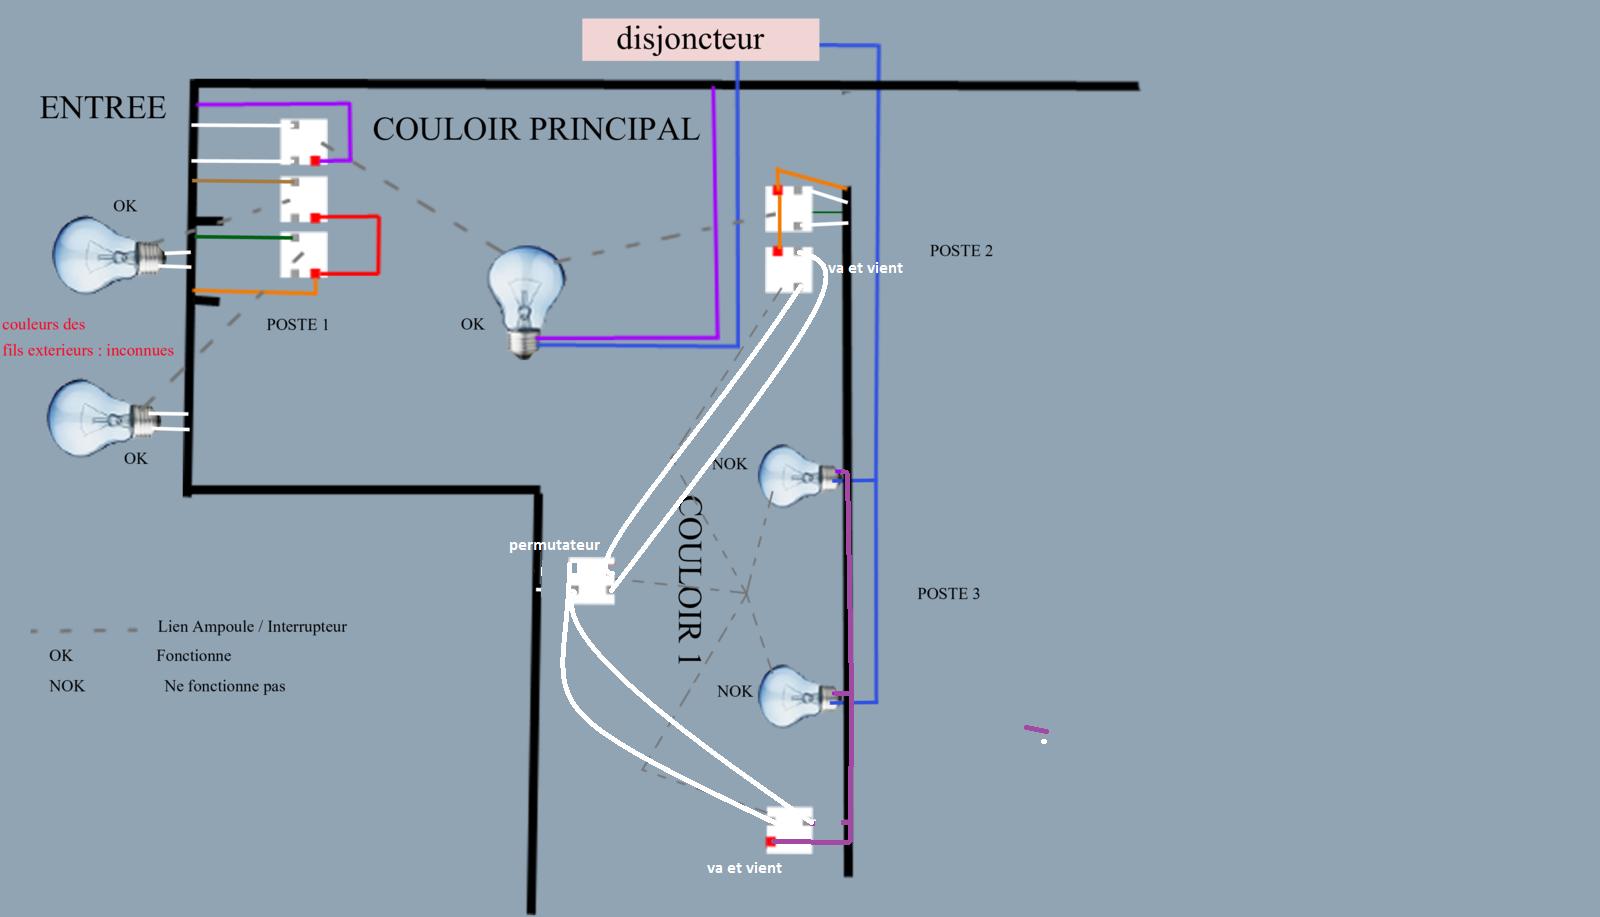 soucis interrupteurs de couloirs montage en cage d 39 escaliers. Black Bedroom Furniture Sets. Home Design Ideas